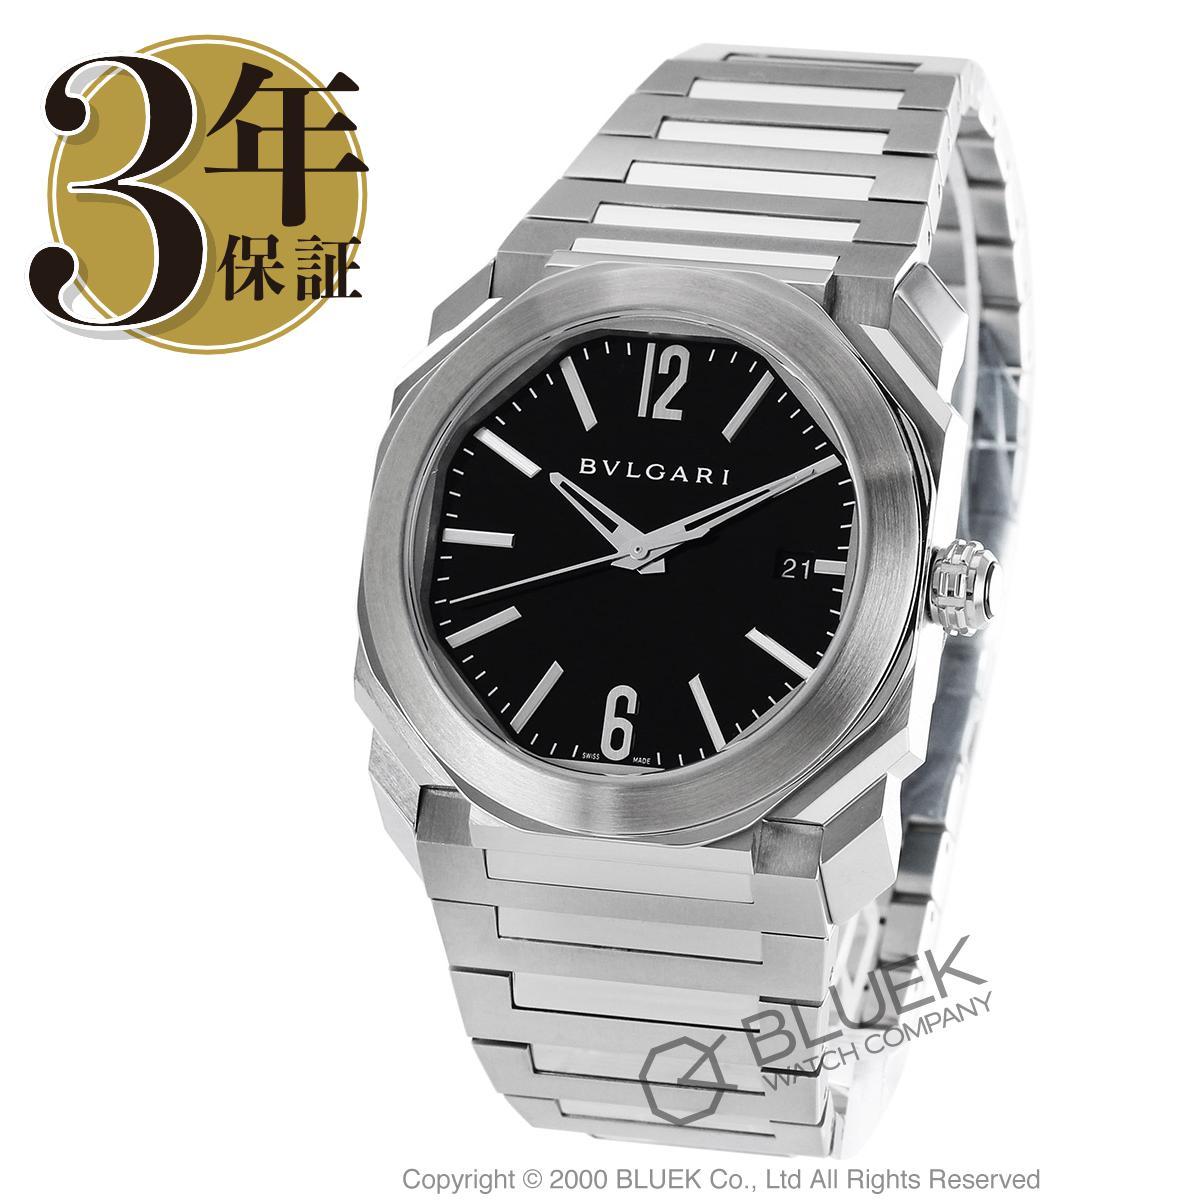 【15,000円OFFクーポン対象】ブルガリ オクト ソロテンポ 腕時計 メンズ BVLGARI BGO38BSSD_8